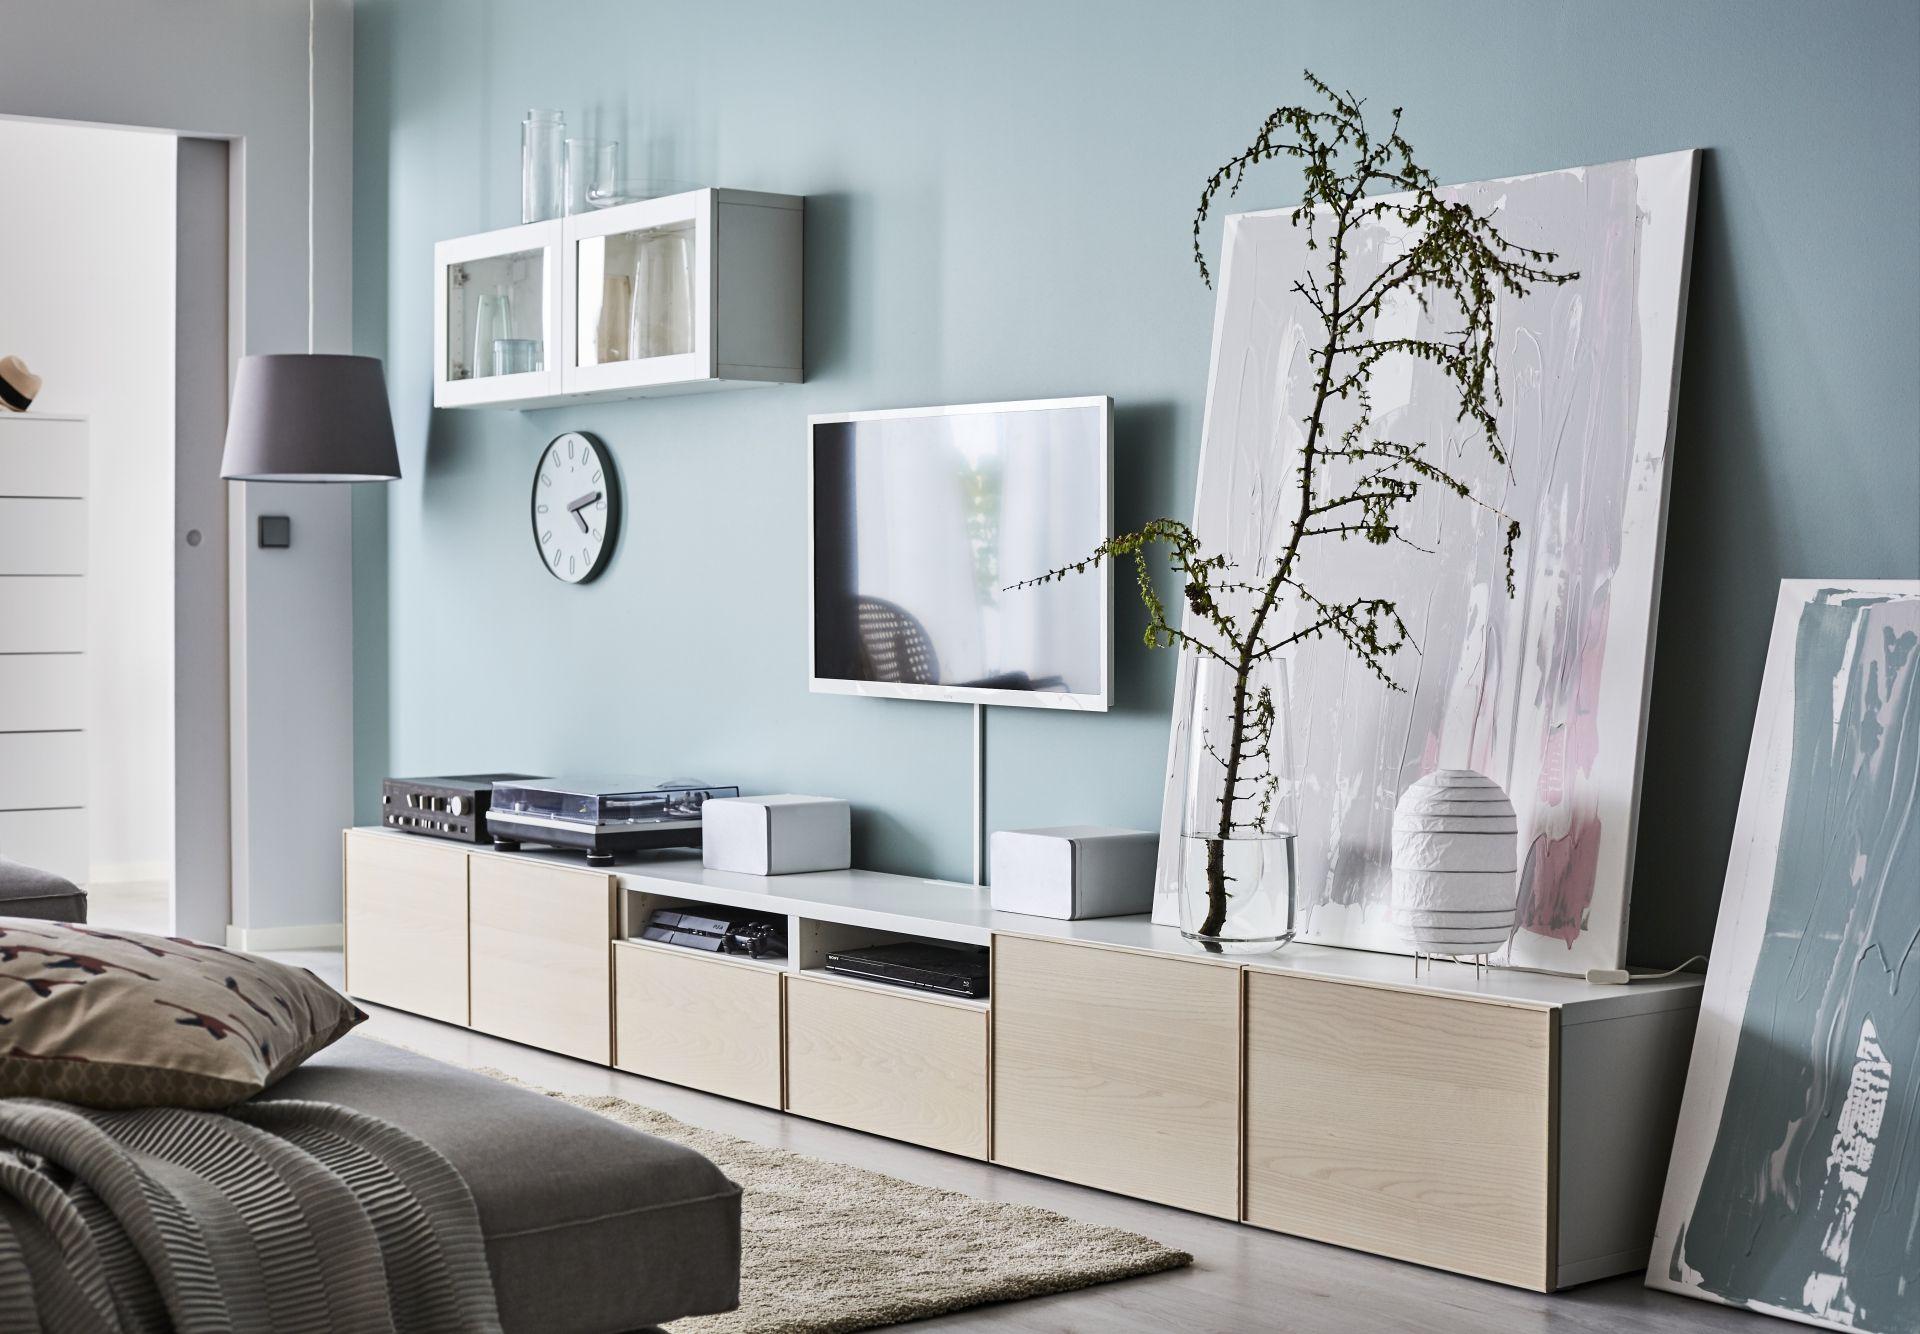 Sal n con muebles bext de ikea en blanco sobre paredes azules salon nuevo pinterest pared - Ikea muebles blancos ...